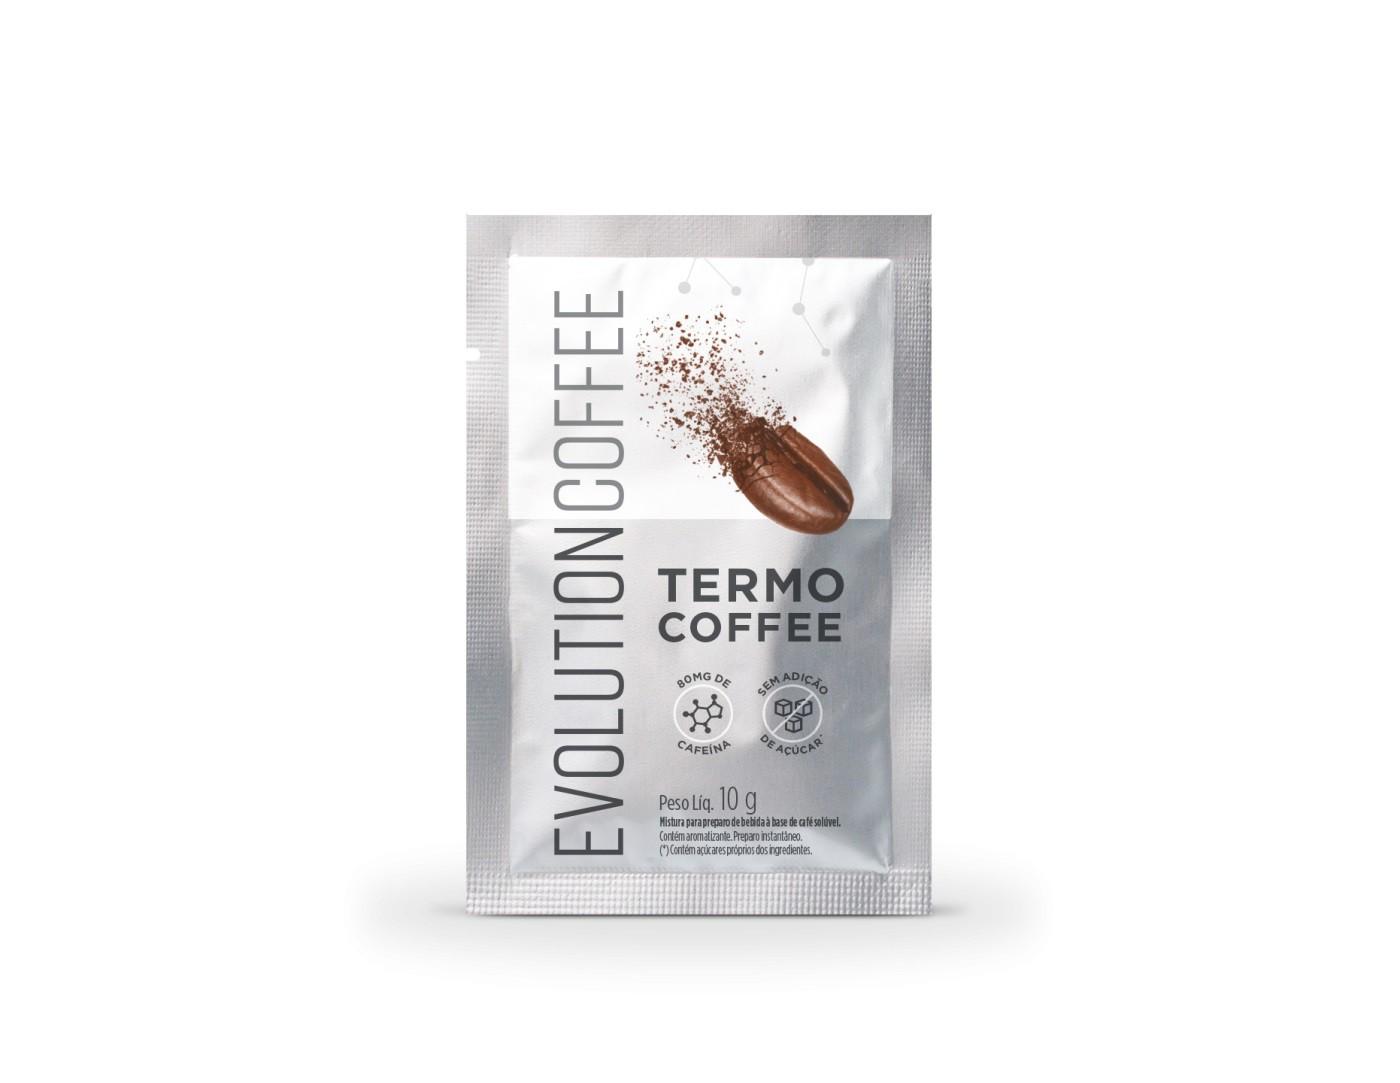 EVOLUTION COFFEE SACHÊ 10g TERMO COFFEE